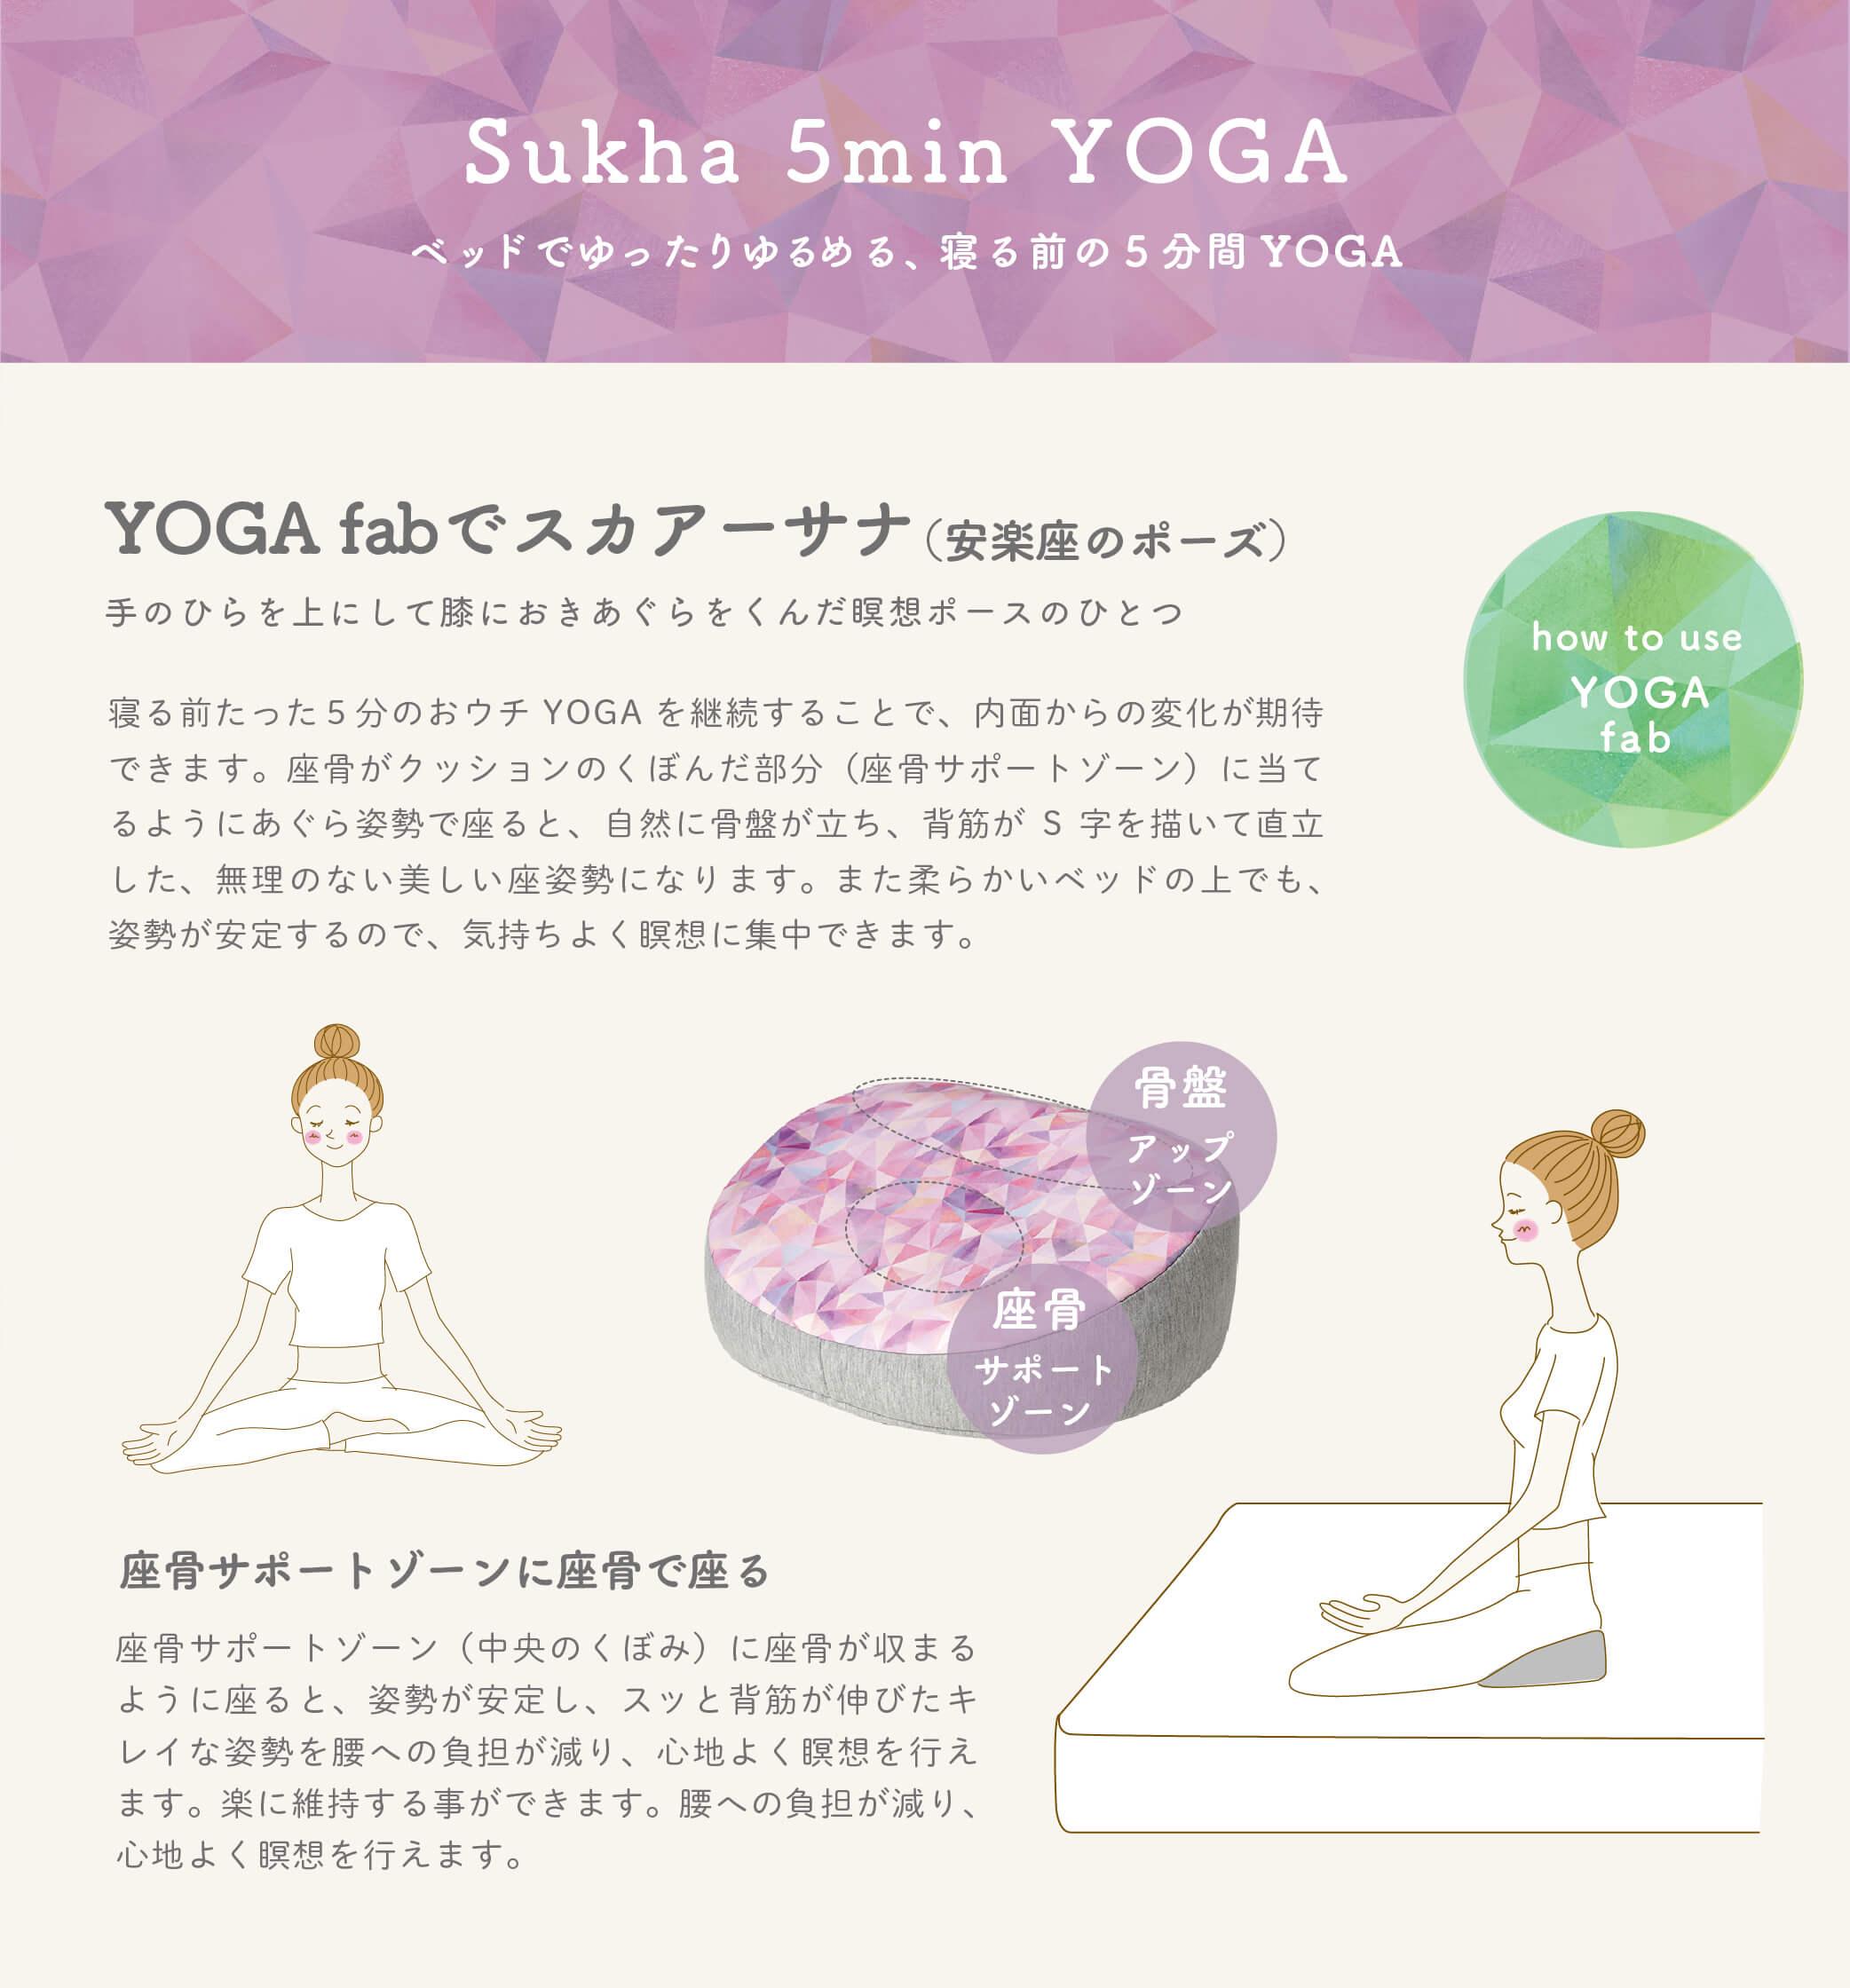 YOGA fab(ヨガファブ)は、ヨガインストラクターでヨガニードセラピストのRISA先生のアドバイスのもと、なかなかヨガのスペースが取れない狭い日本の住環境を考えて生まれた、ベッドの上で気軽に行える、おウチYOGAのための瞑想ポーズサポートクッションです。  寝る前にベッドの上で5分程度、ヨガの呼吸法や瞑想、軽いストレッチを行なって、心身がリラックスすることで、副交感神経が優位になって、日々の疲れが回復しやすくなると言われている深い眠りへと、自然に誘います。